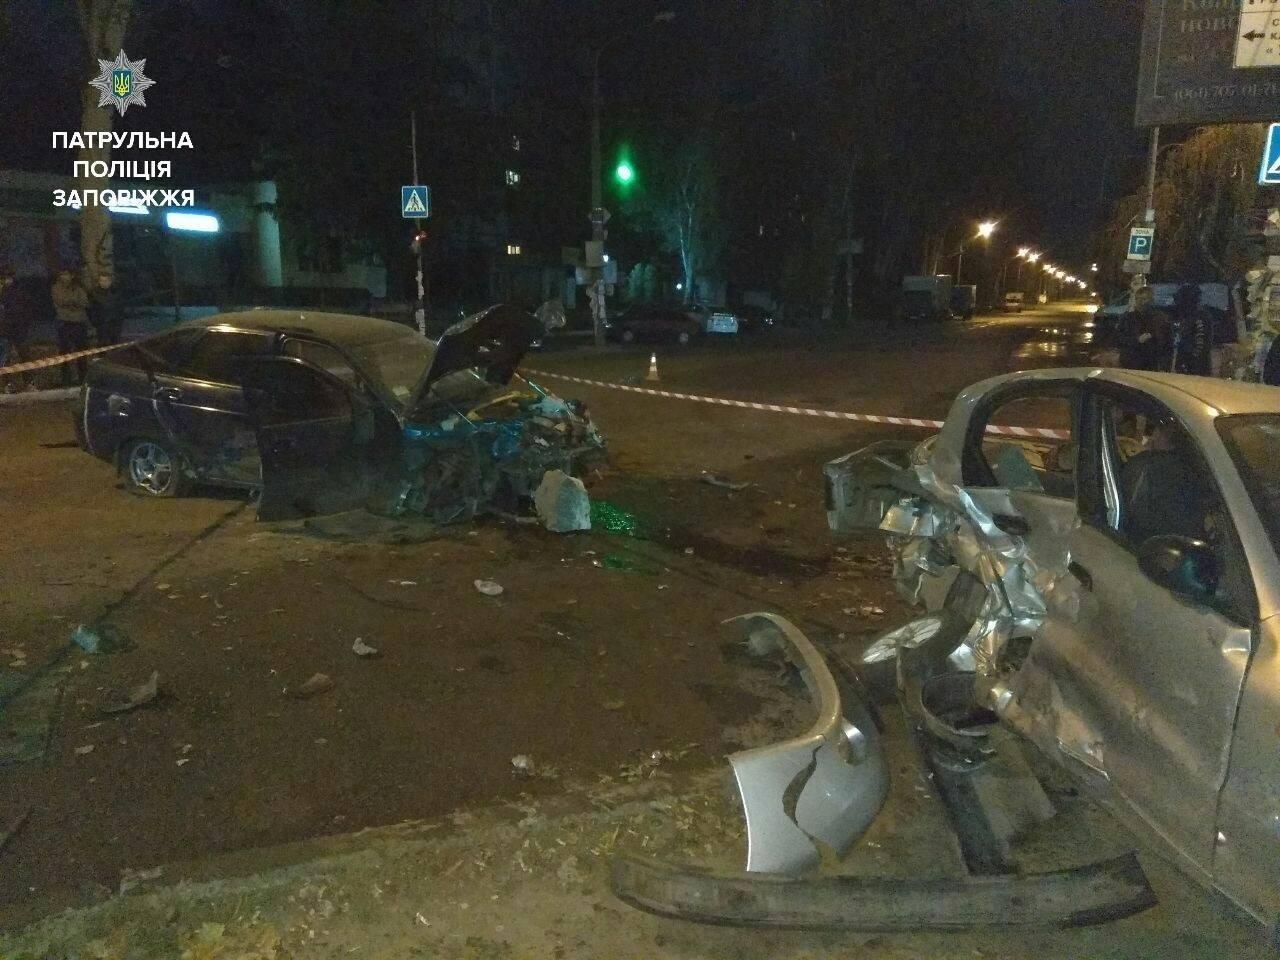 В Запорожье пьяный сотрудник СТО на авто клиента разбил три автомобиля, – ФОТО, фото-1